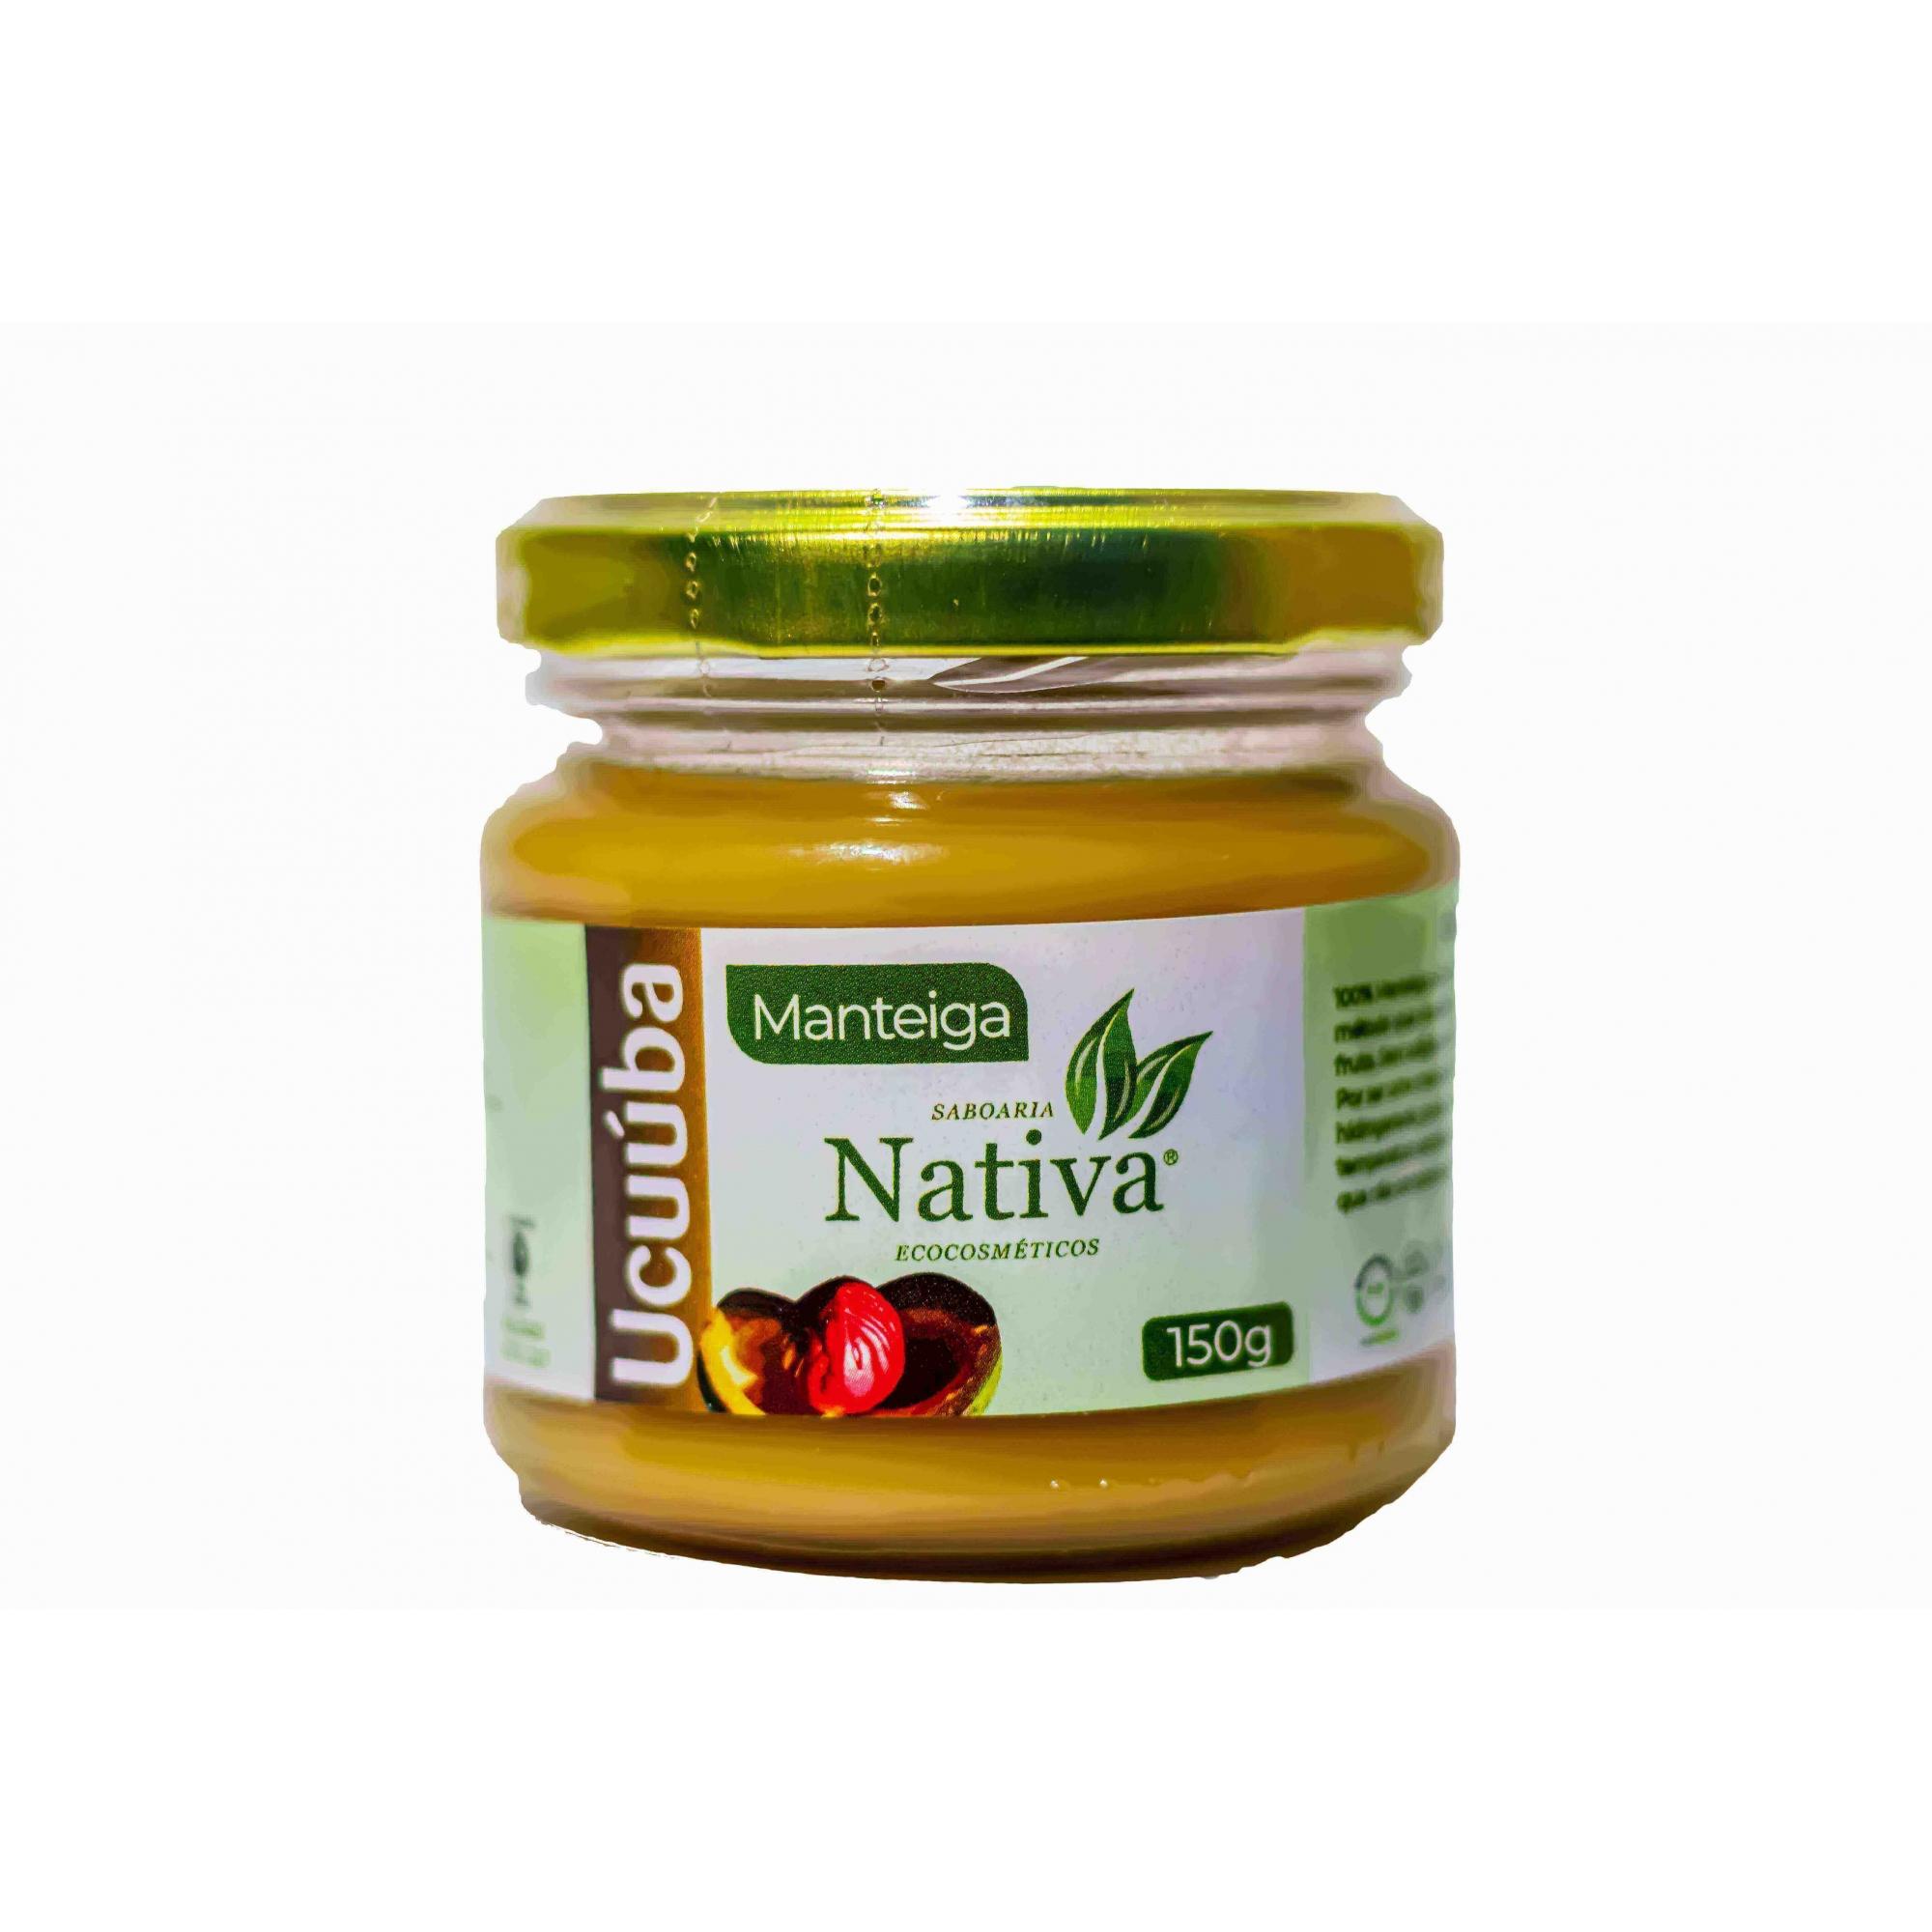 Manteiga de Ucuúba - 150g  - Saboaria Nativa Ecocosméticos